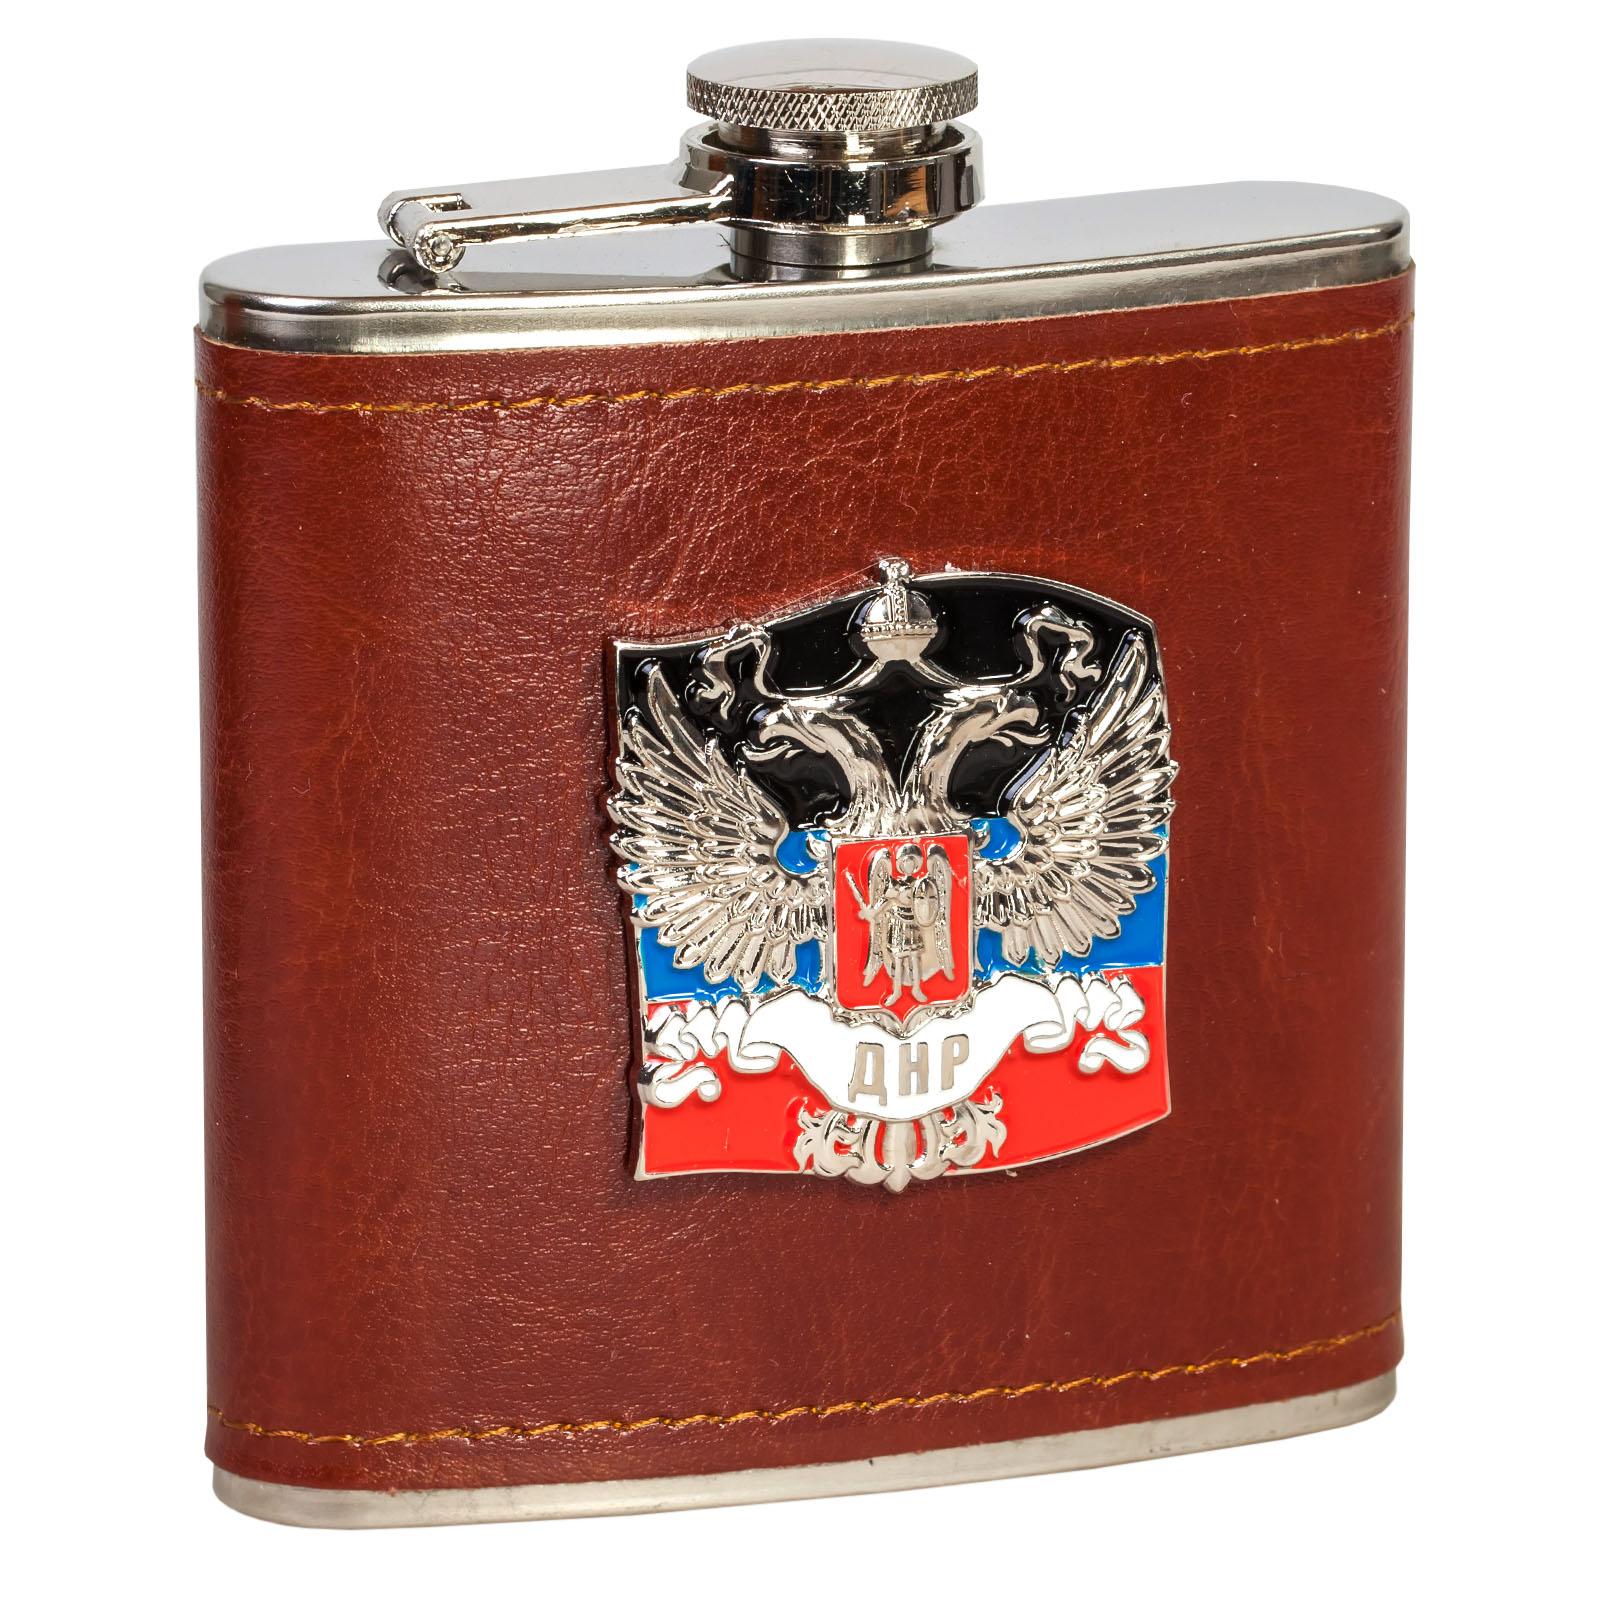 Сувениры и подарки в дизайне ДНР: фляжки, награды, флаги и другие товары